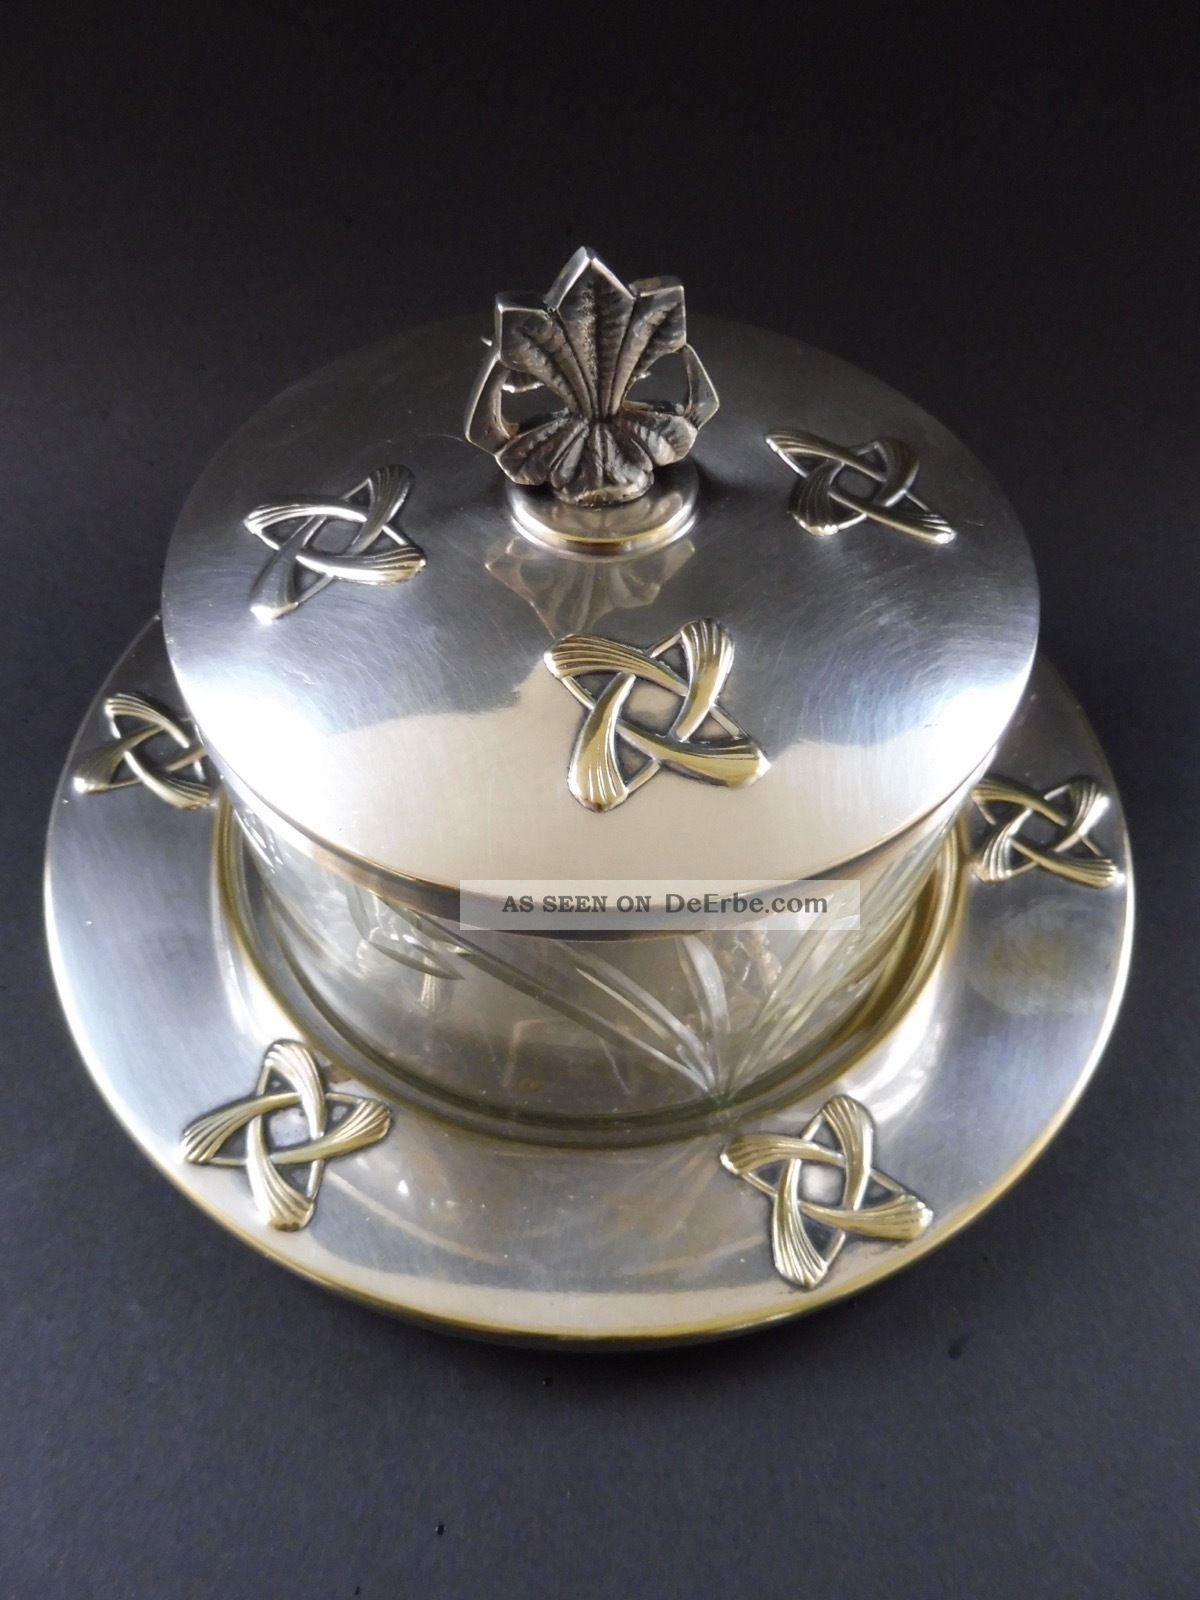 Wmf Jugendstil Deckeldose Kristallglas Art Nouveau Bonbonniere Cookie Box Glass 1890-1919, Jugendstil Bild